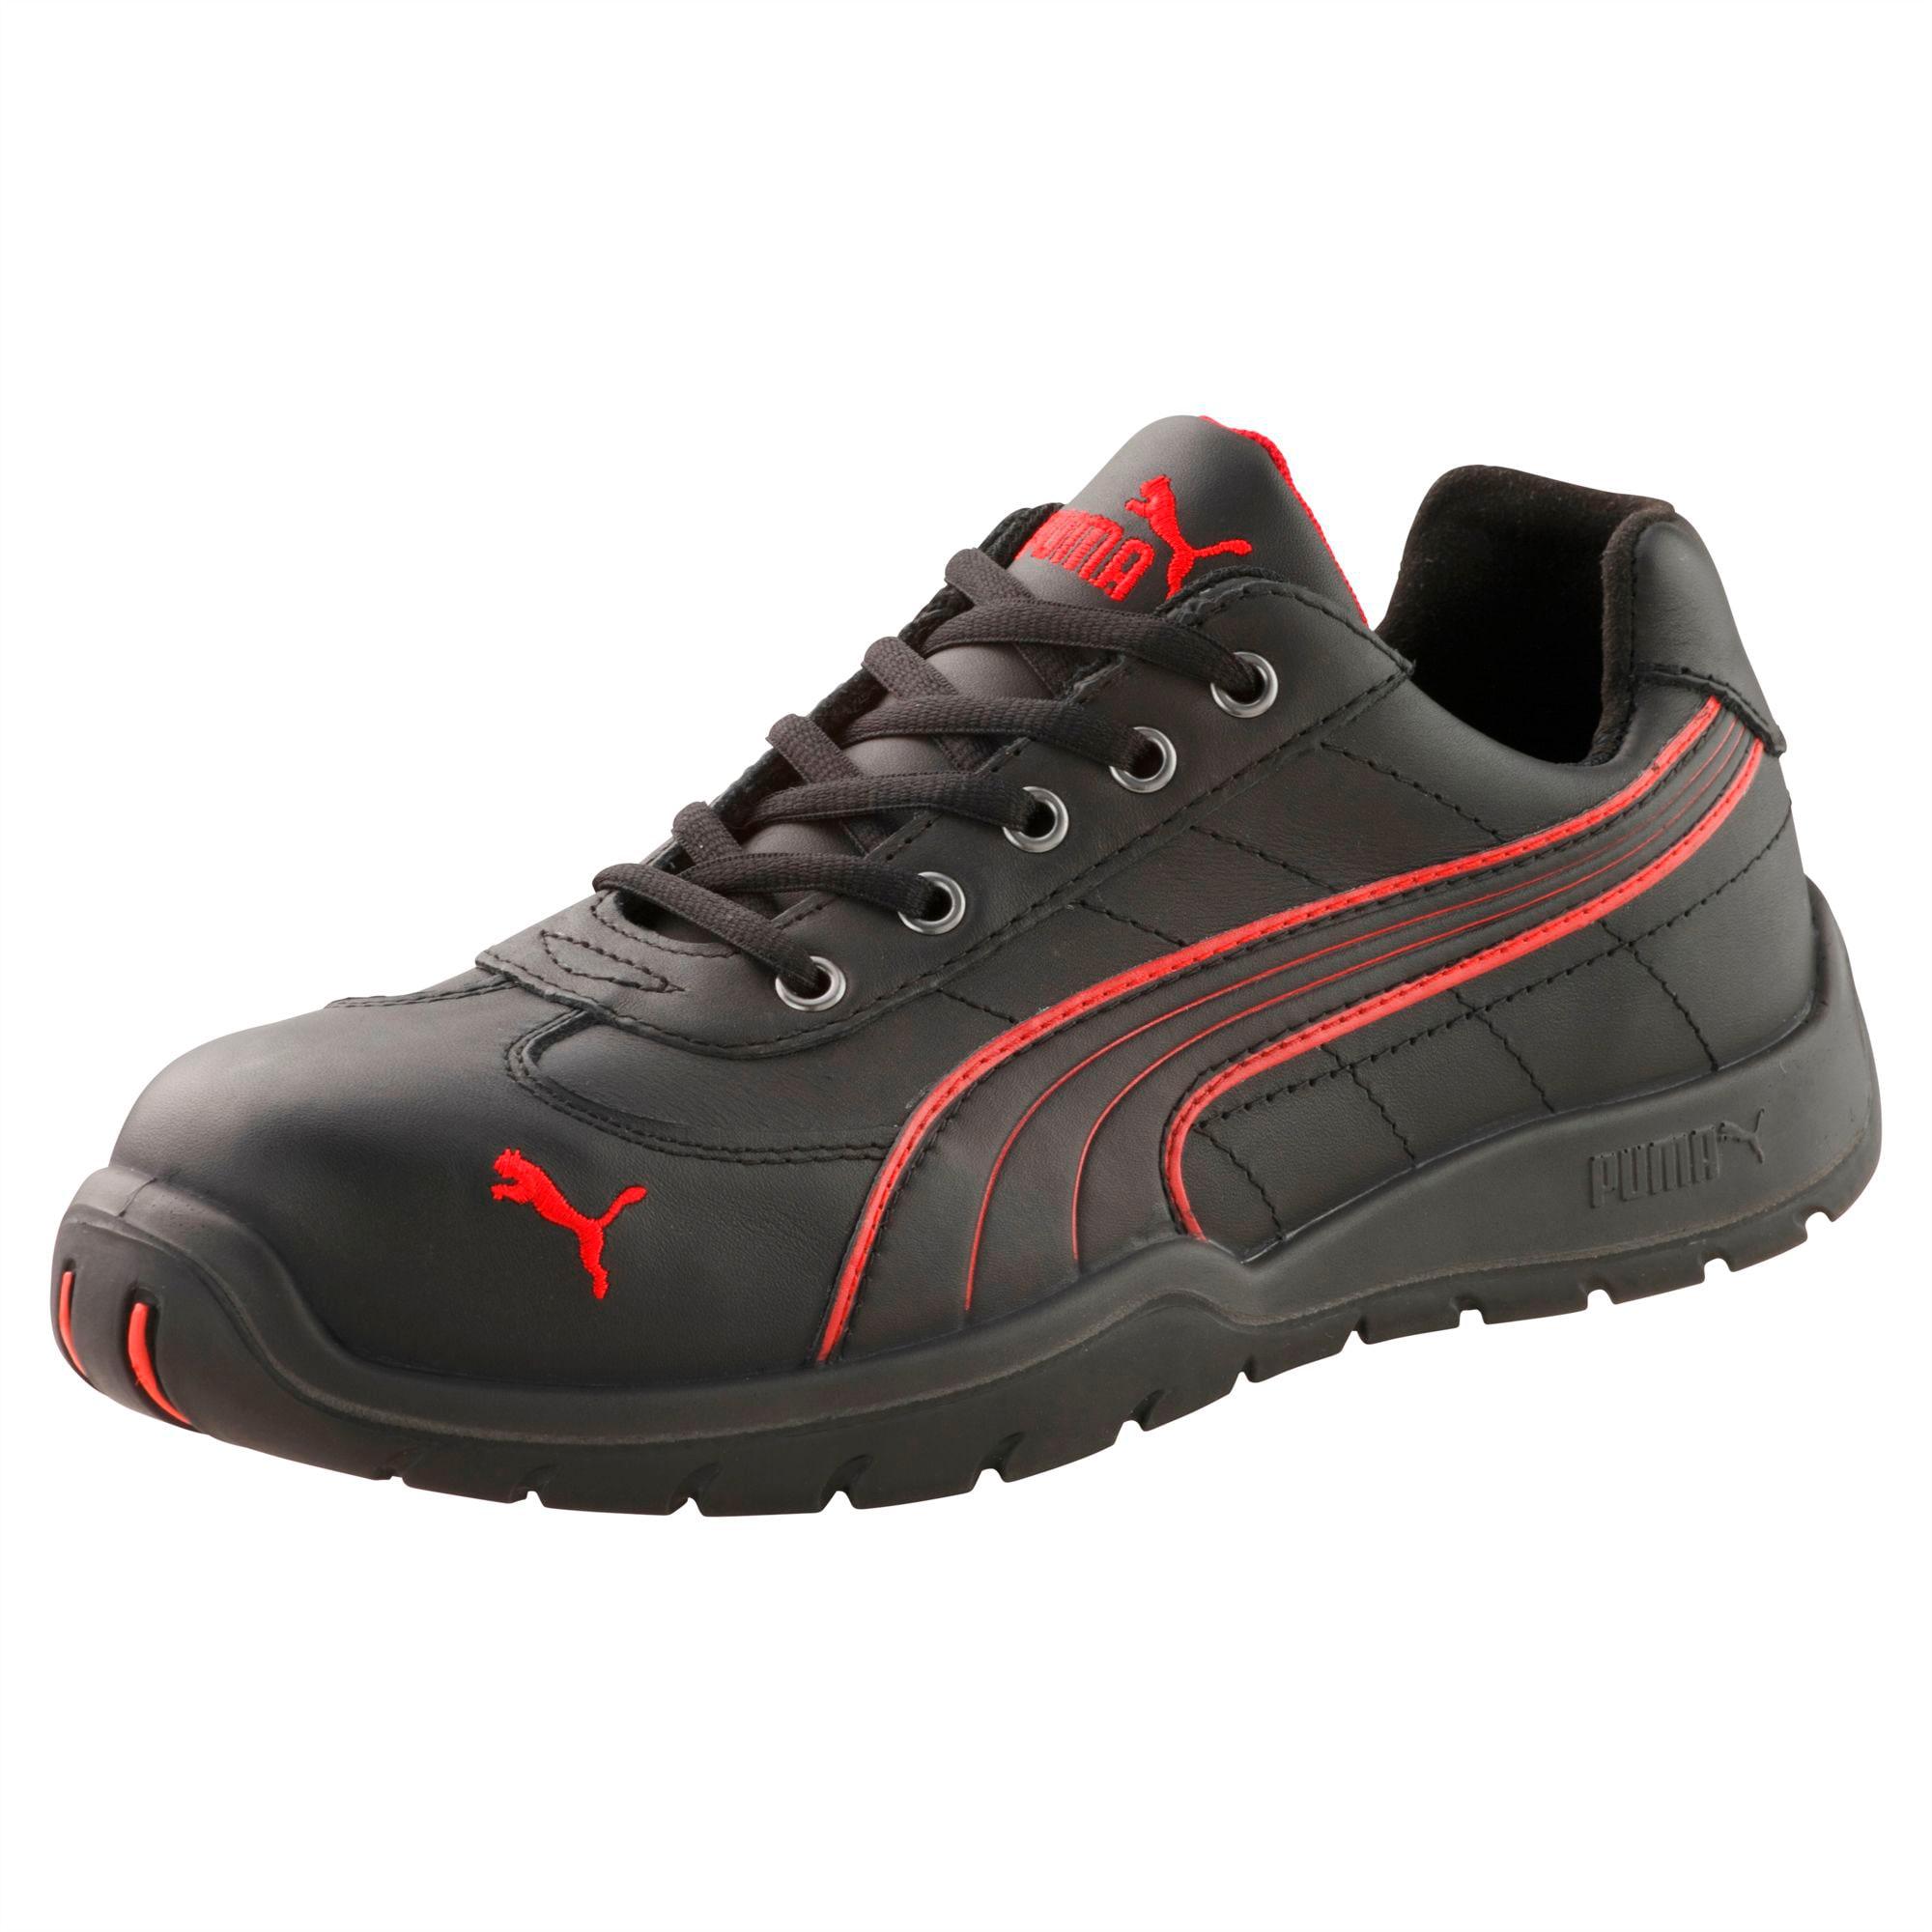 scarpe antinfortunistiche puma